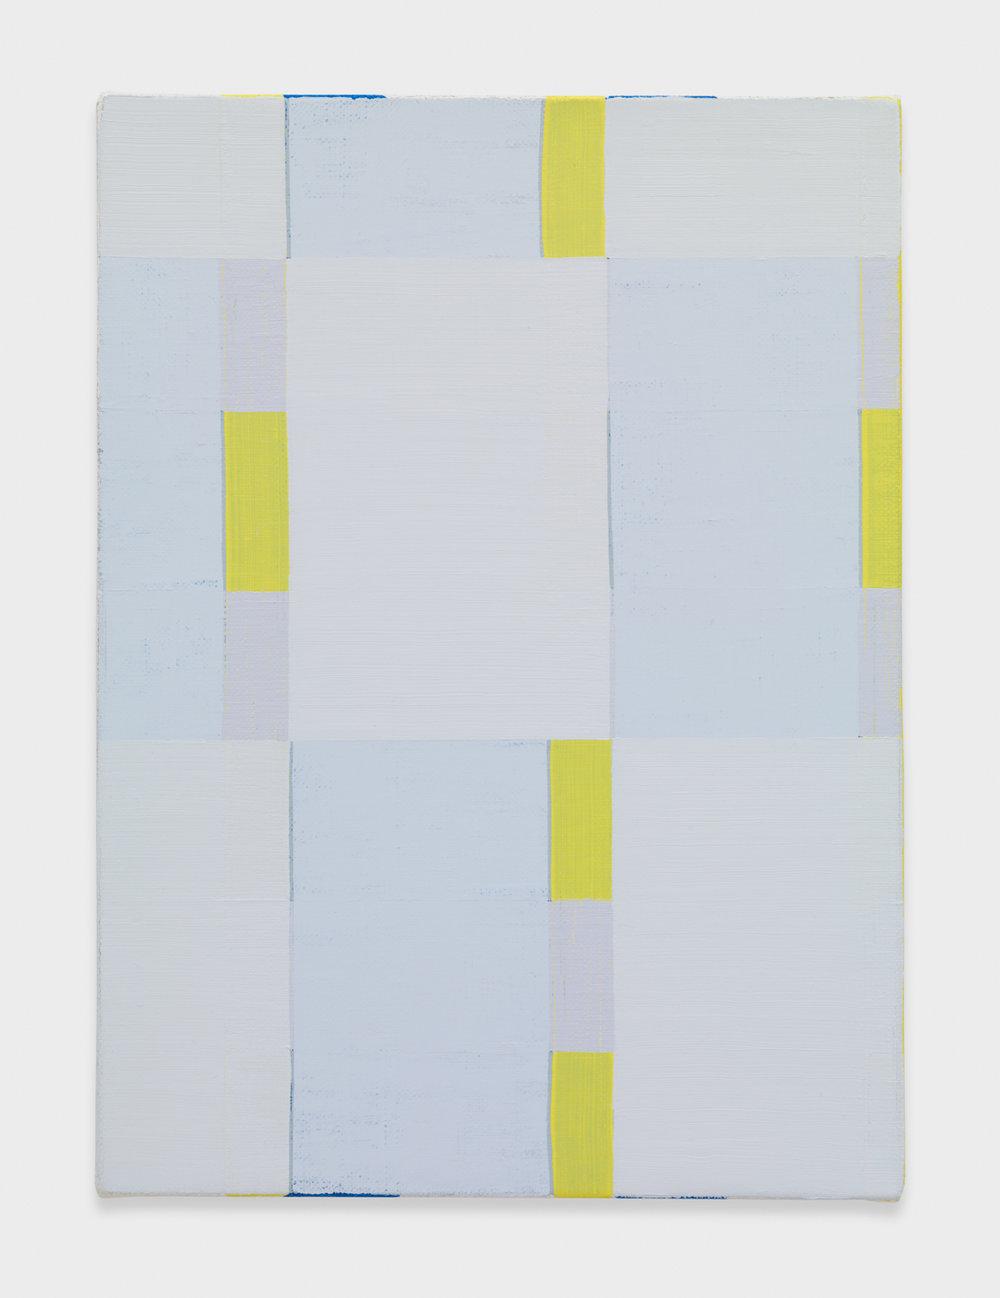 Yui Yaegashi Untitled 2016 Oil on canvas 9 3/4h x 13 1/4w in 24.77h x 33.66w cm YY088